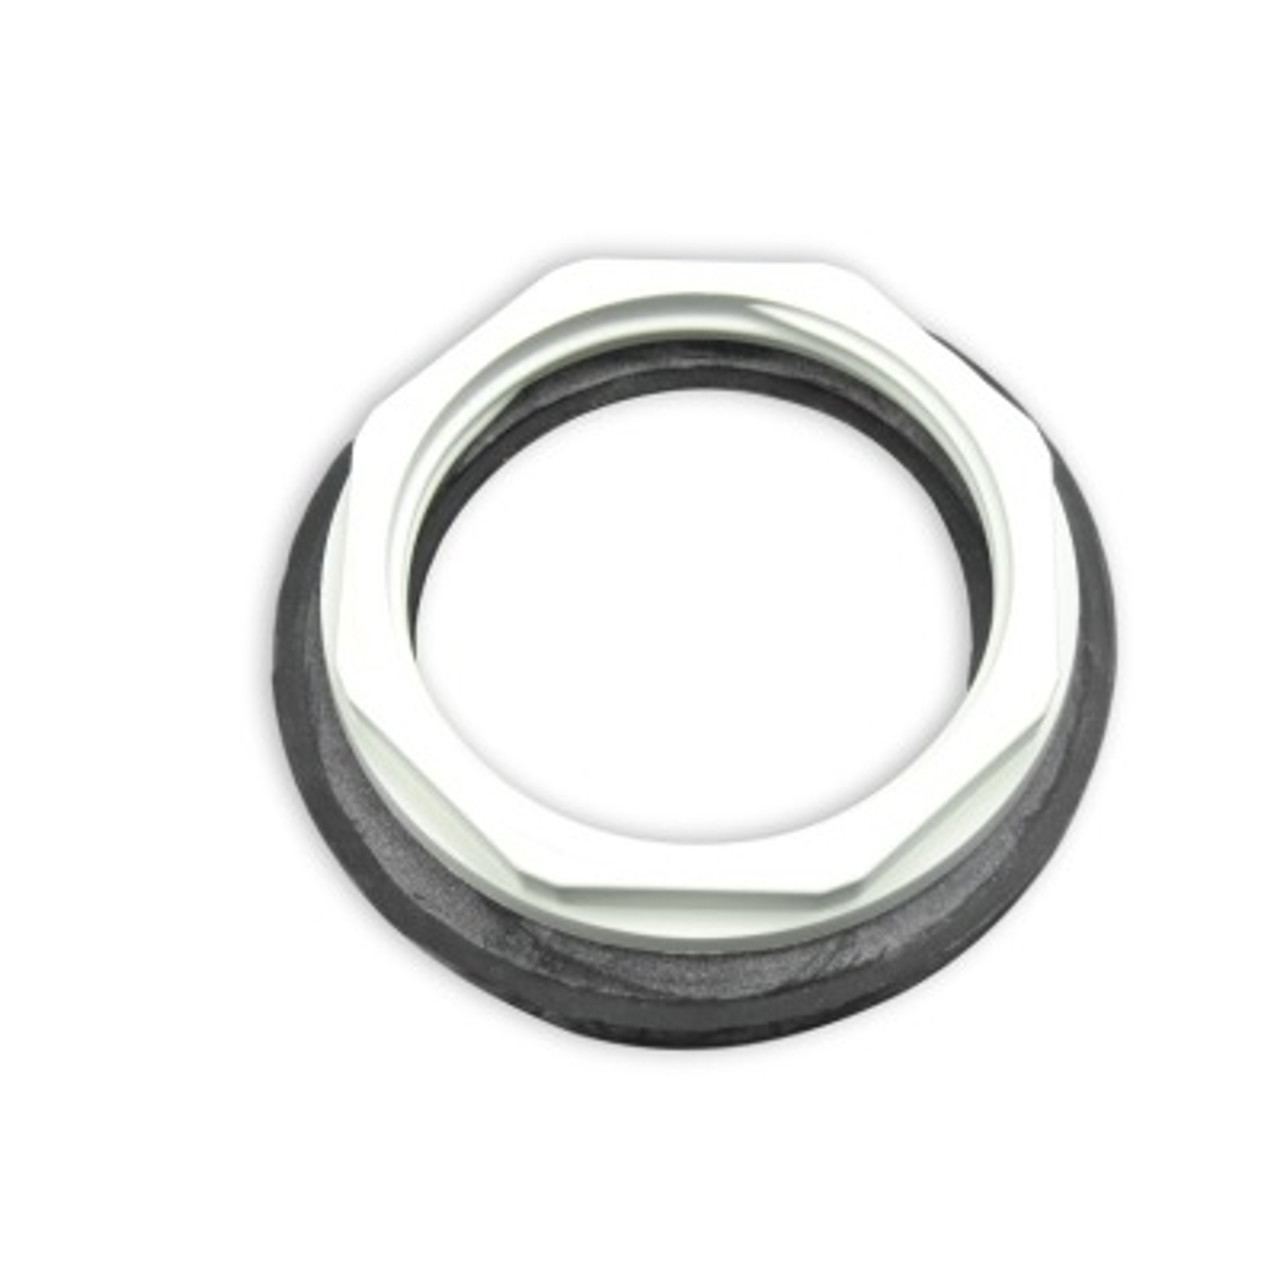 Kohler 1032265 Plate Gasket